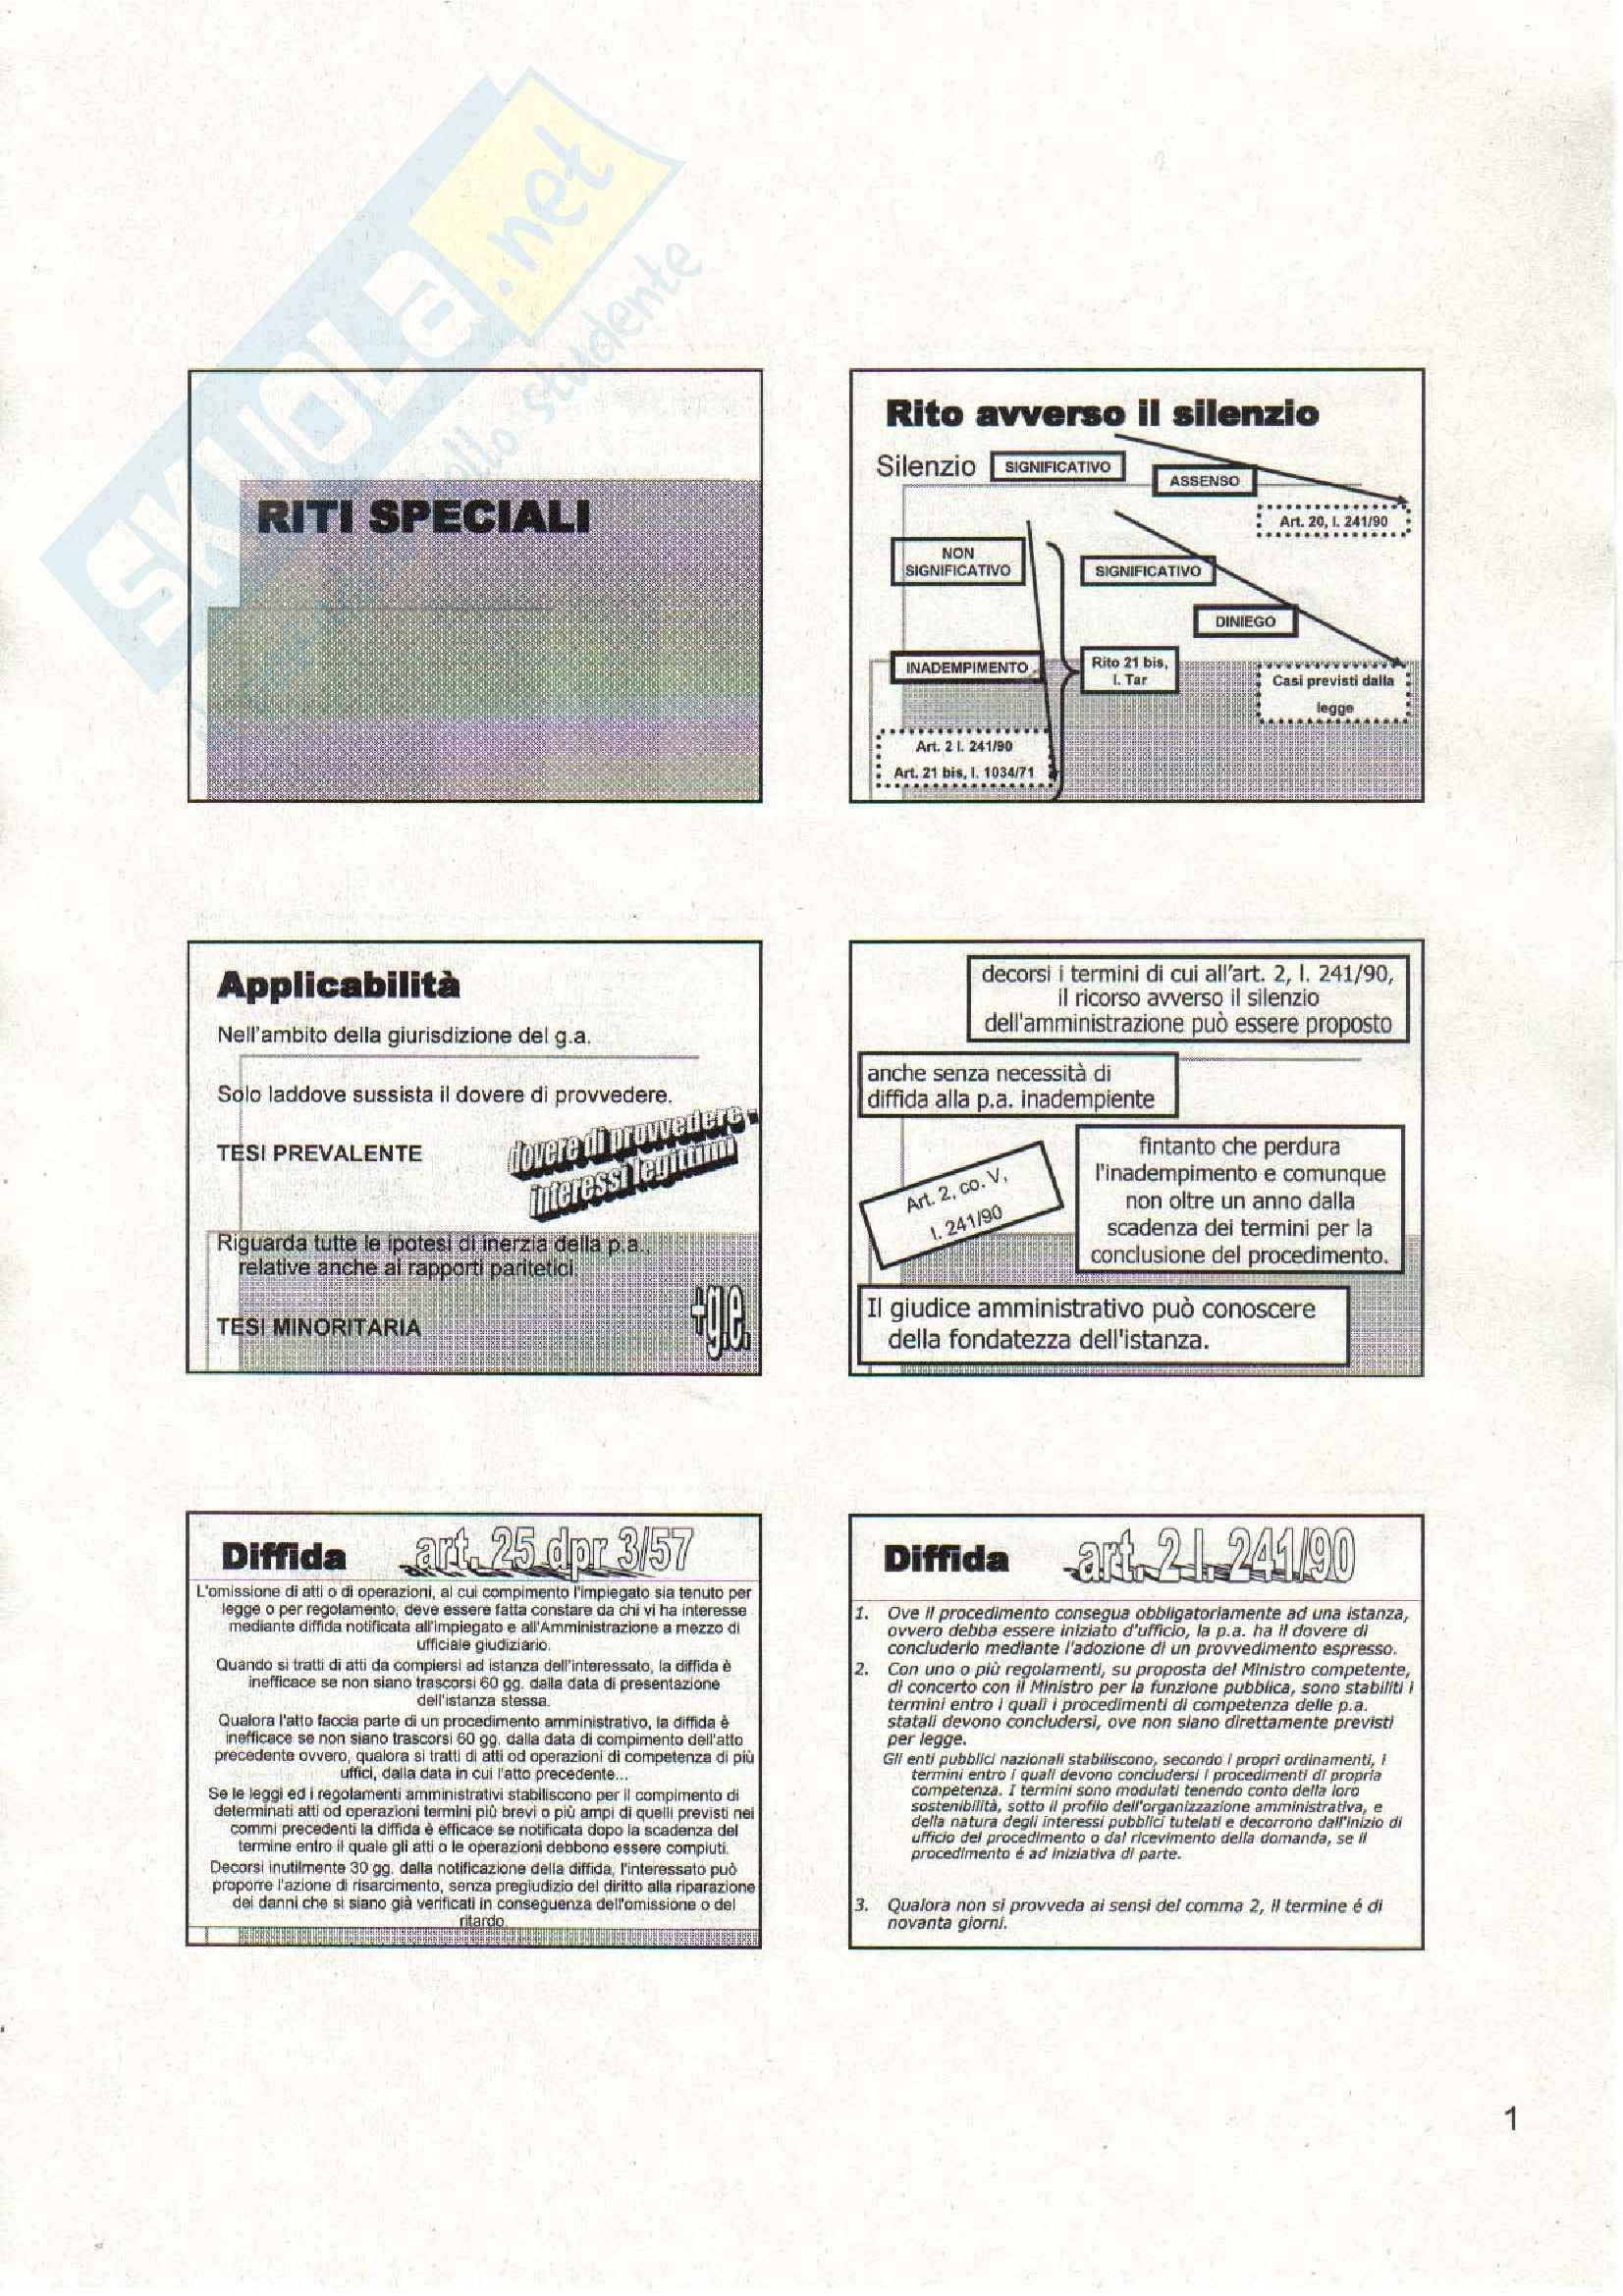 Diritto amministrativo - riti amministrativi speciali - Appunti